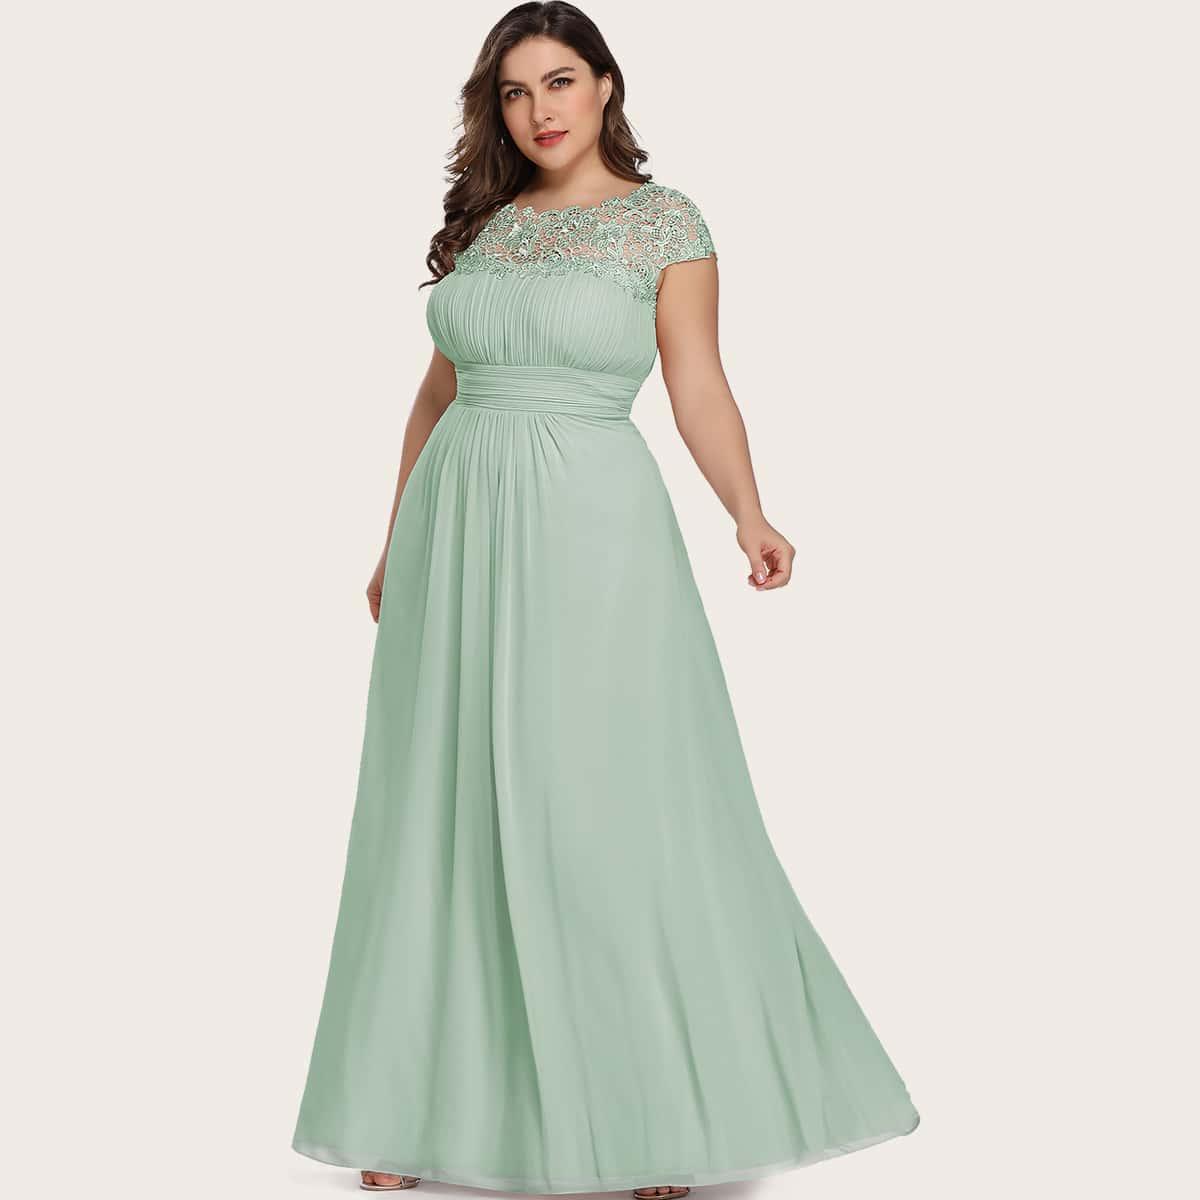 Plus Lace Yoke Pleated Chiffon Prom Dress